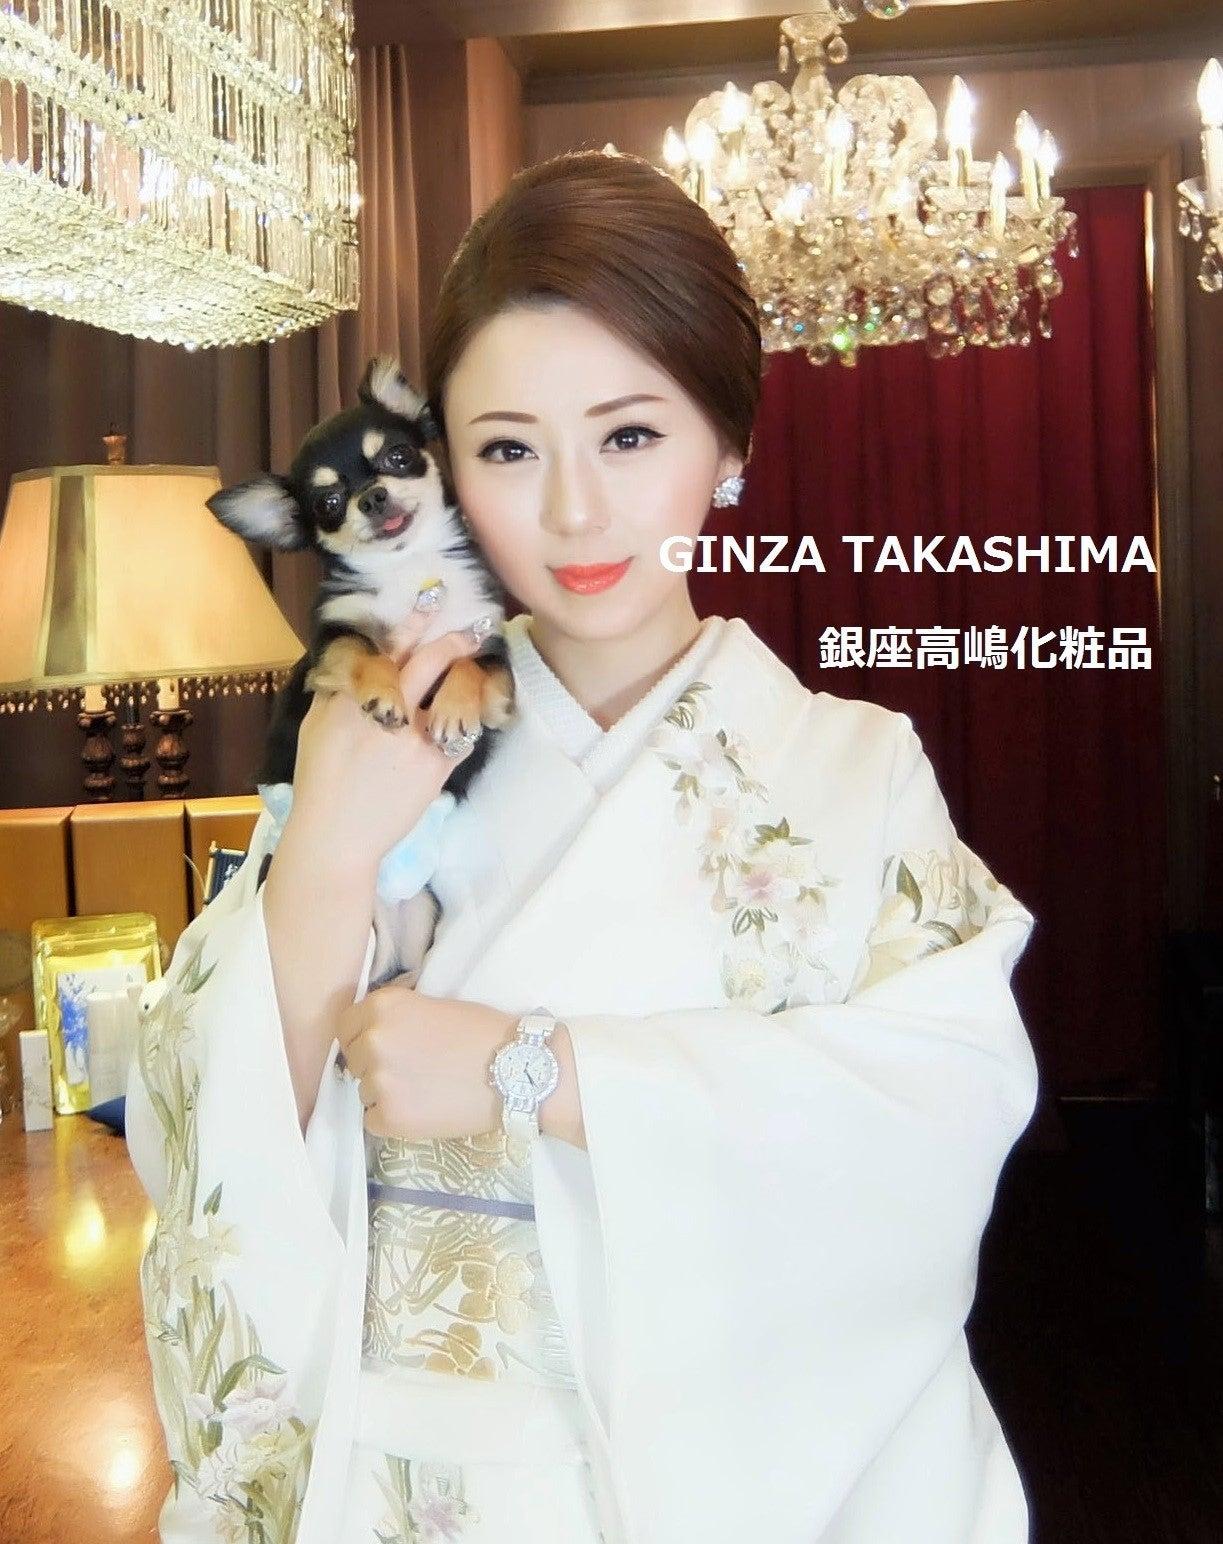 高嶋 りえ子 化粧品 【公式】高嶋りえ子ホームページ GINZA